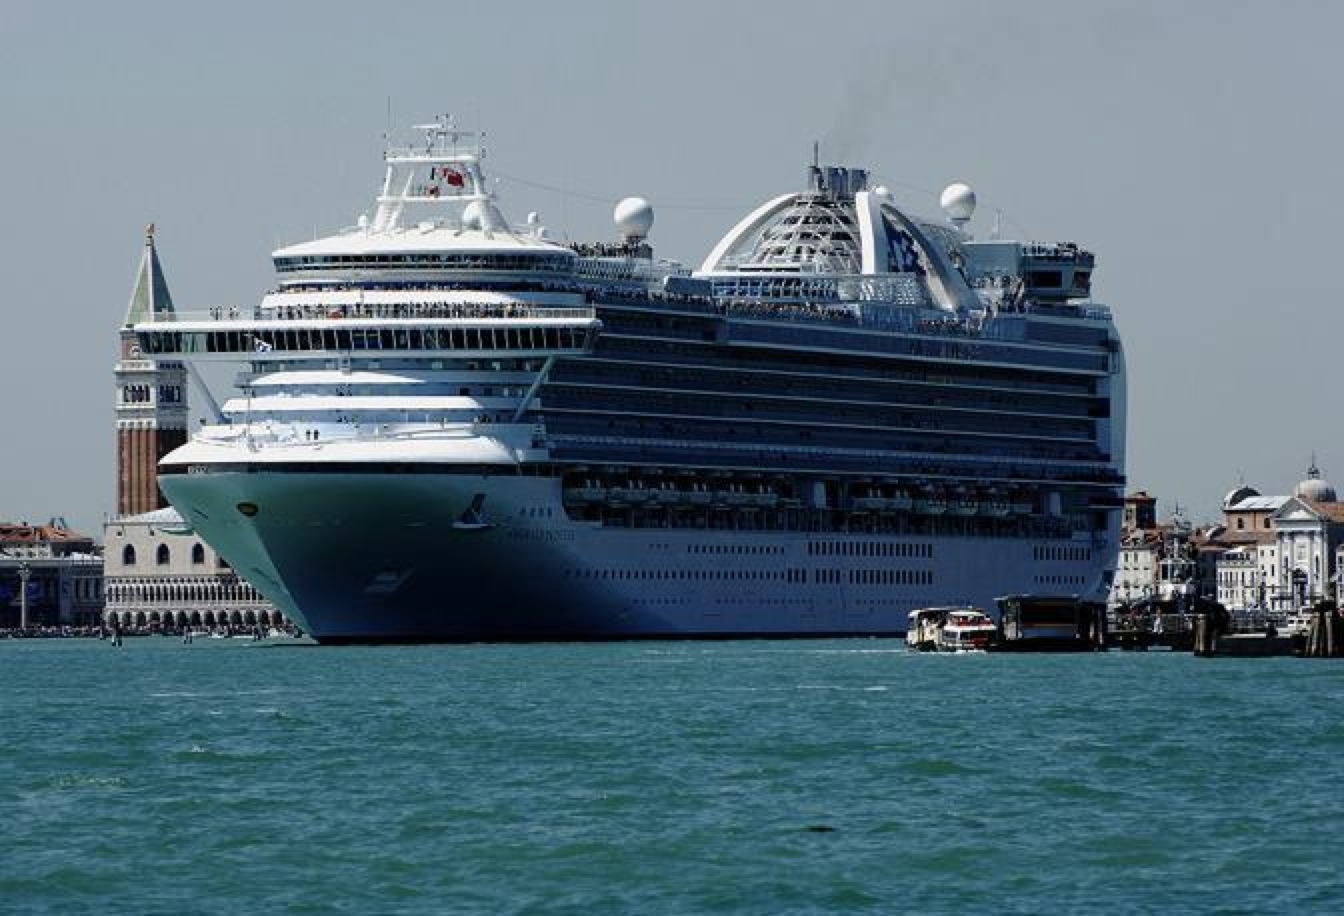 La crescita del turismo crocieristico